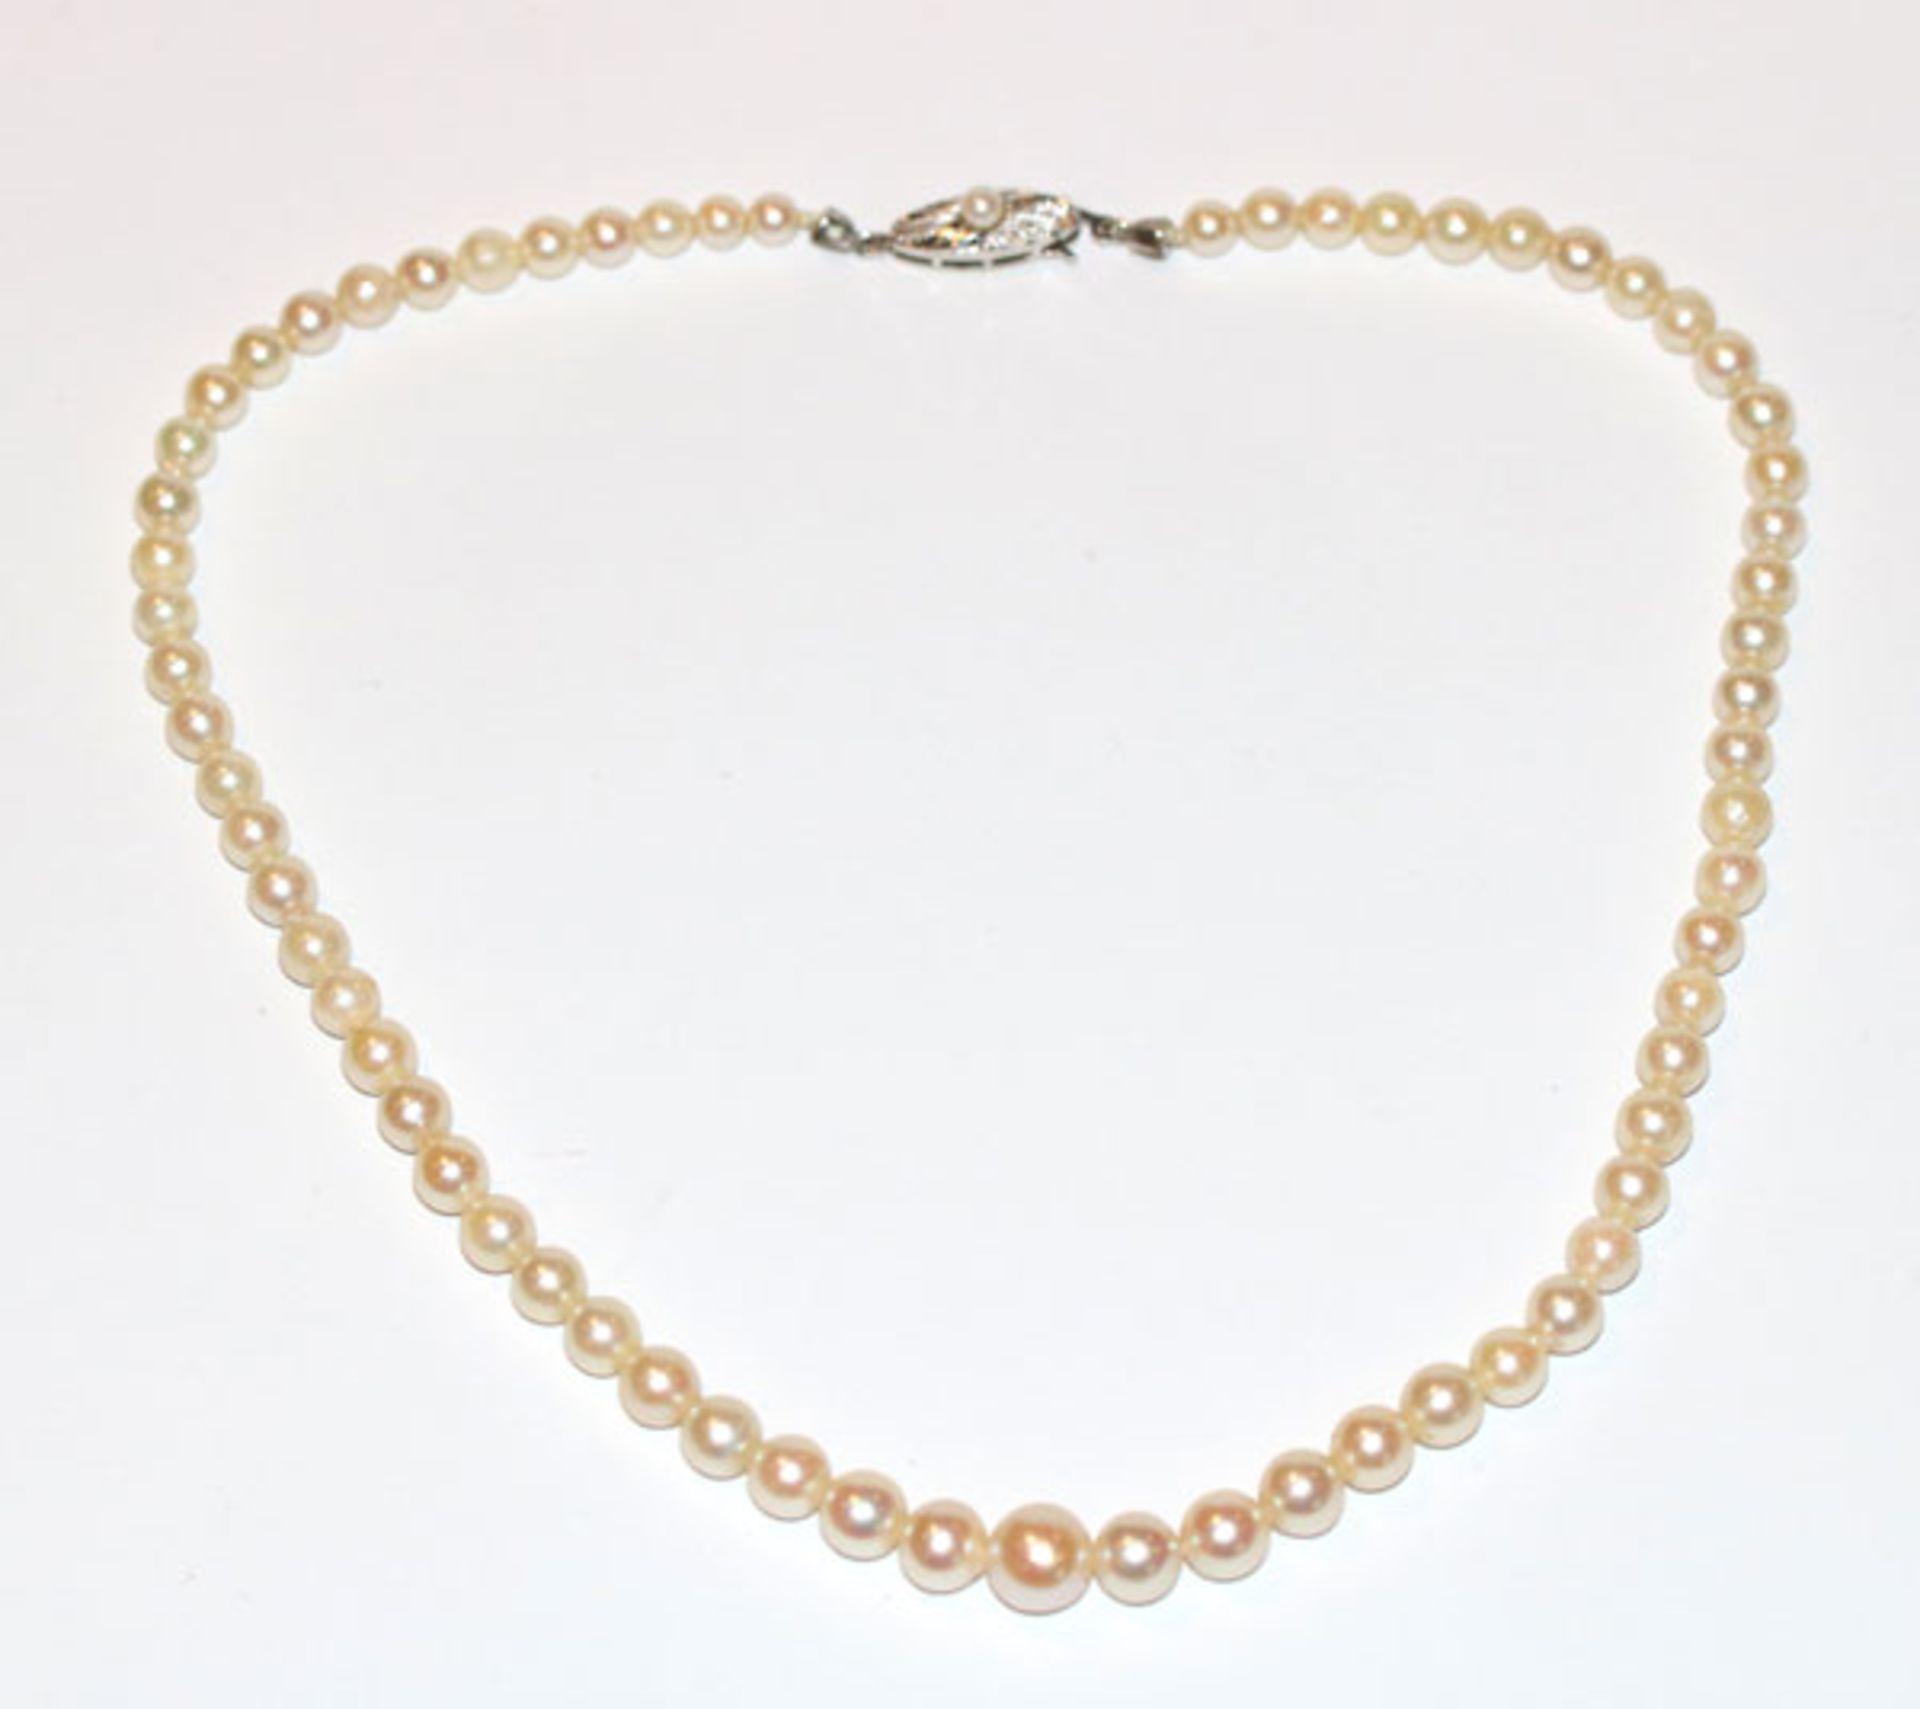 Perlenkette in Verlaufform mit 14 k Weißgold Schließe, L 36 cm